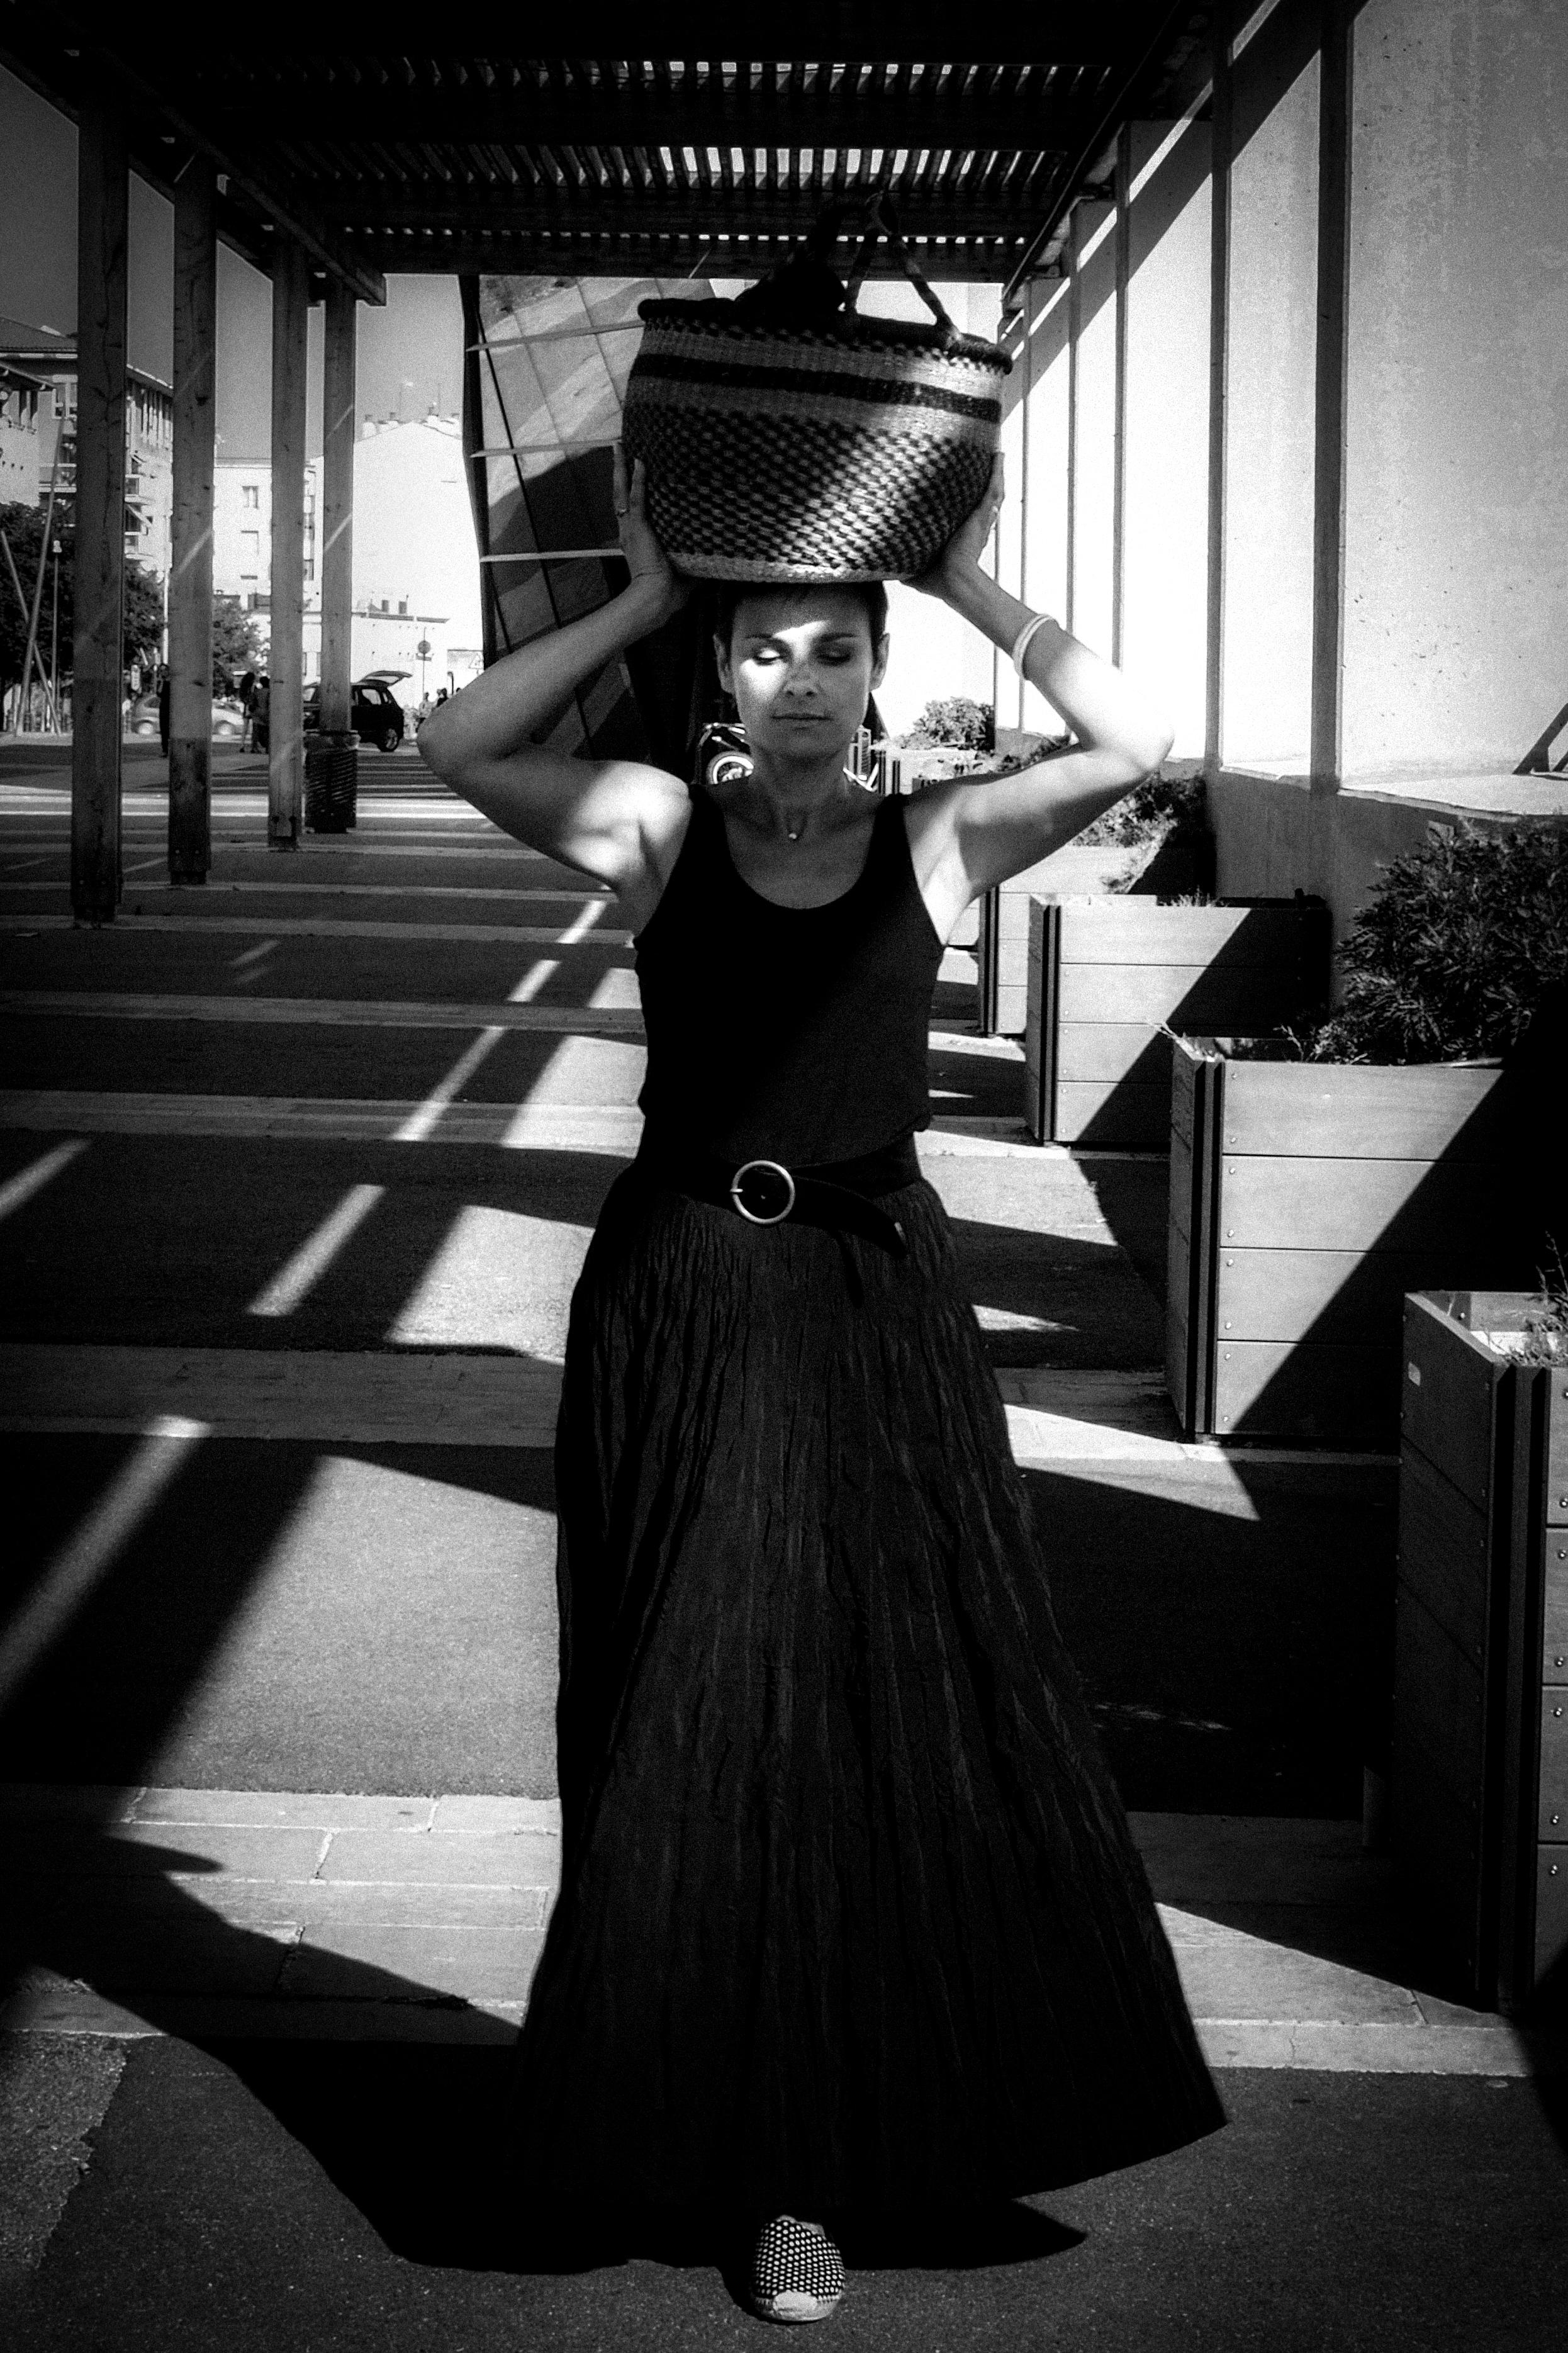 Lucie_-_Équilibre